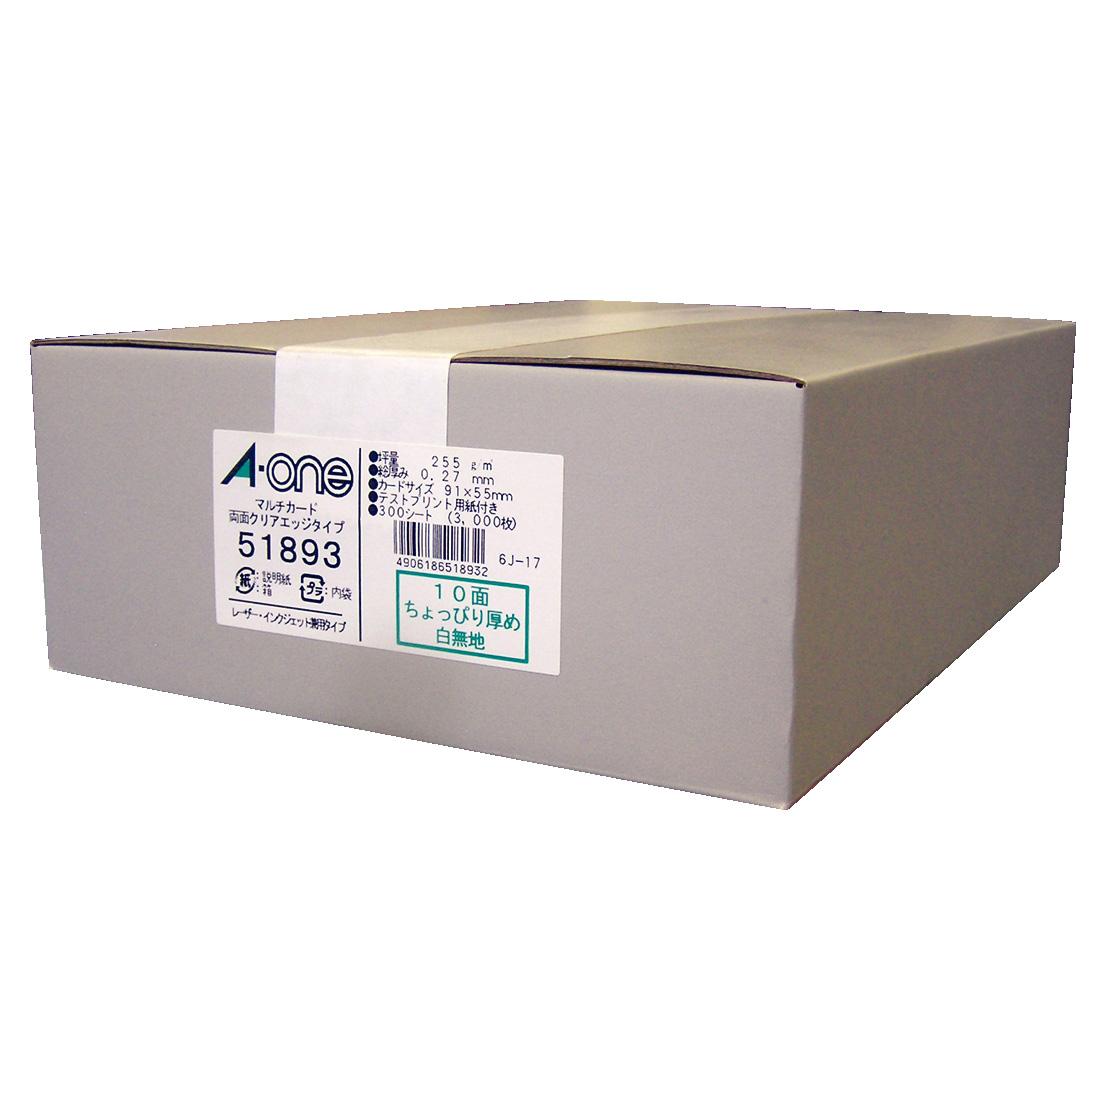 エーワン(A-One) 51893 マルチカード(各種プリンタ兼用) 名刺 両面クリアエッジ ちょっぴり厚め 300シート(3,000枚)入り 1 箱